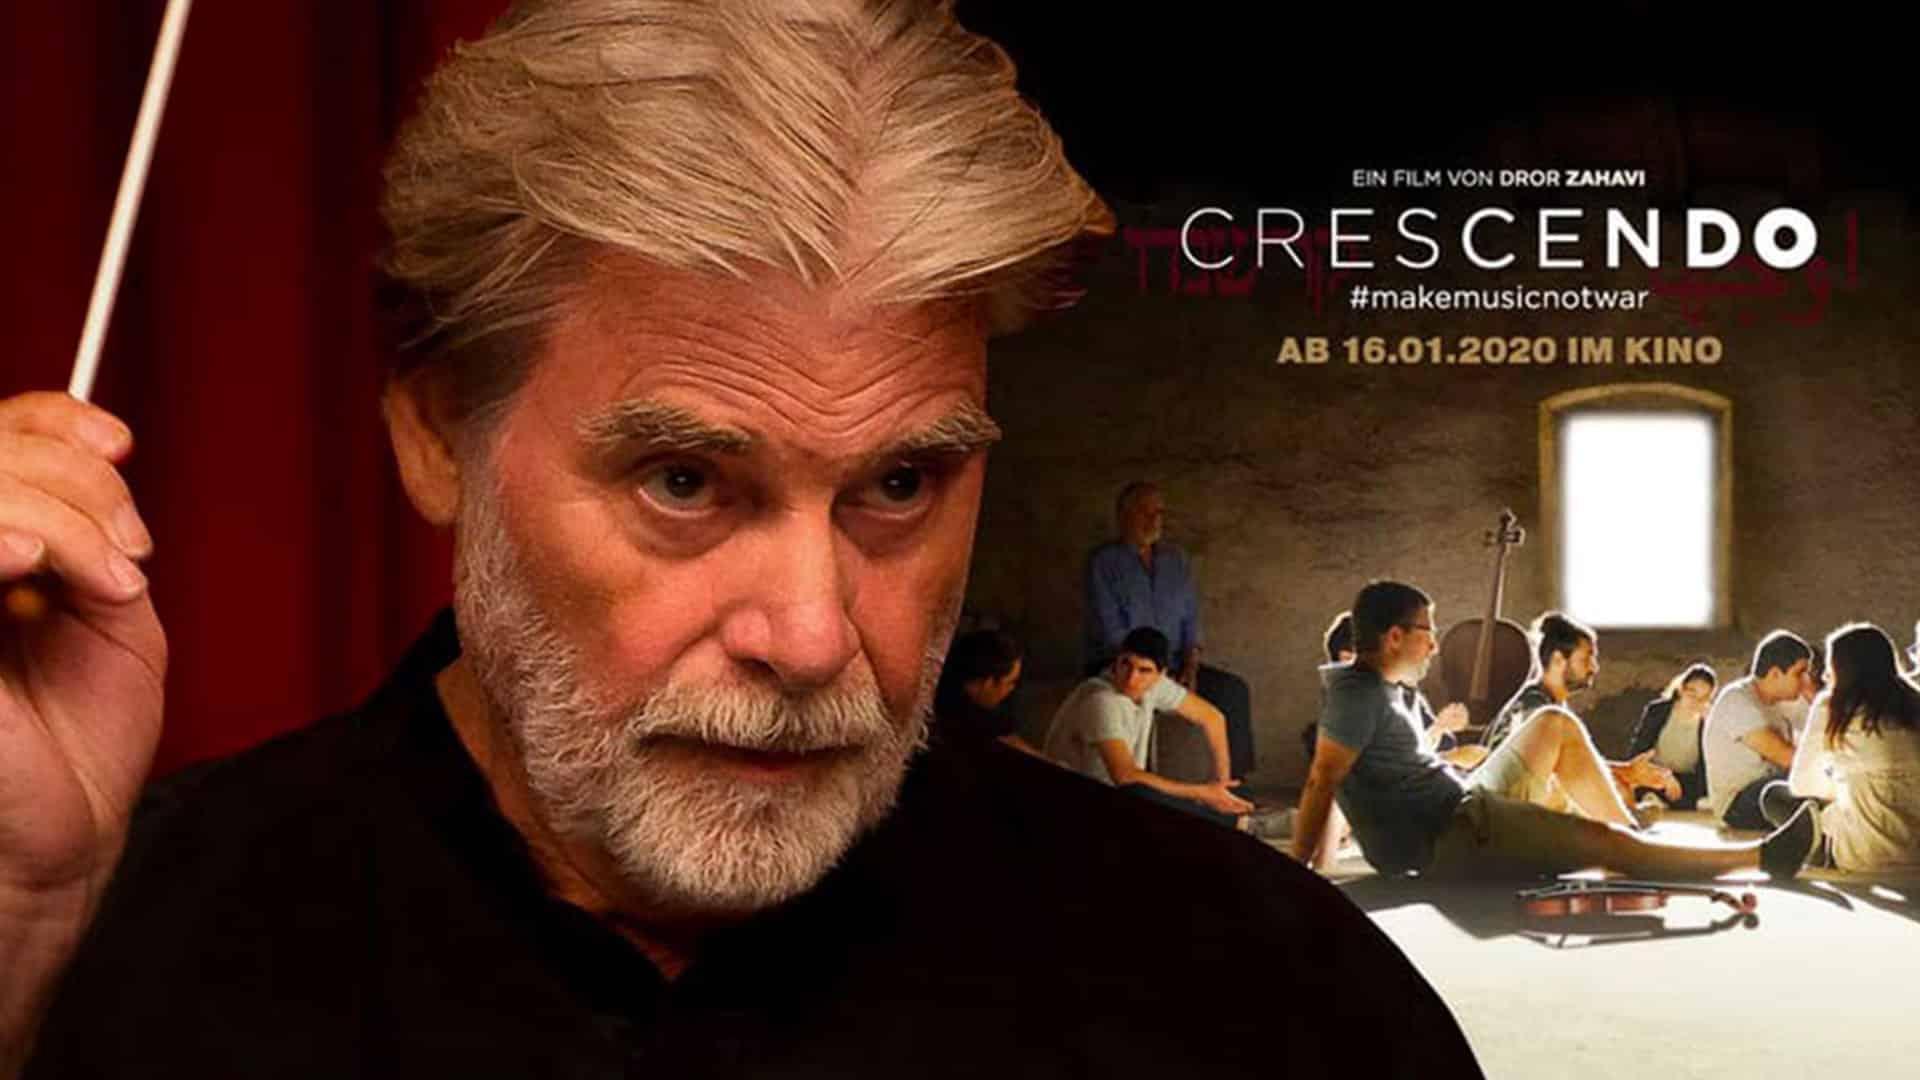 Crescendo – #makemusicnotwar